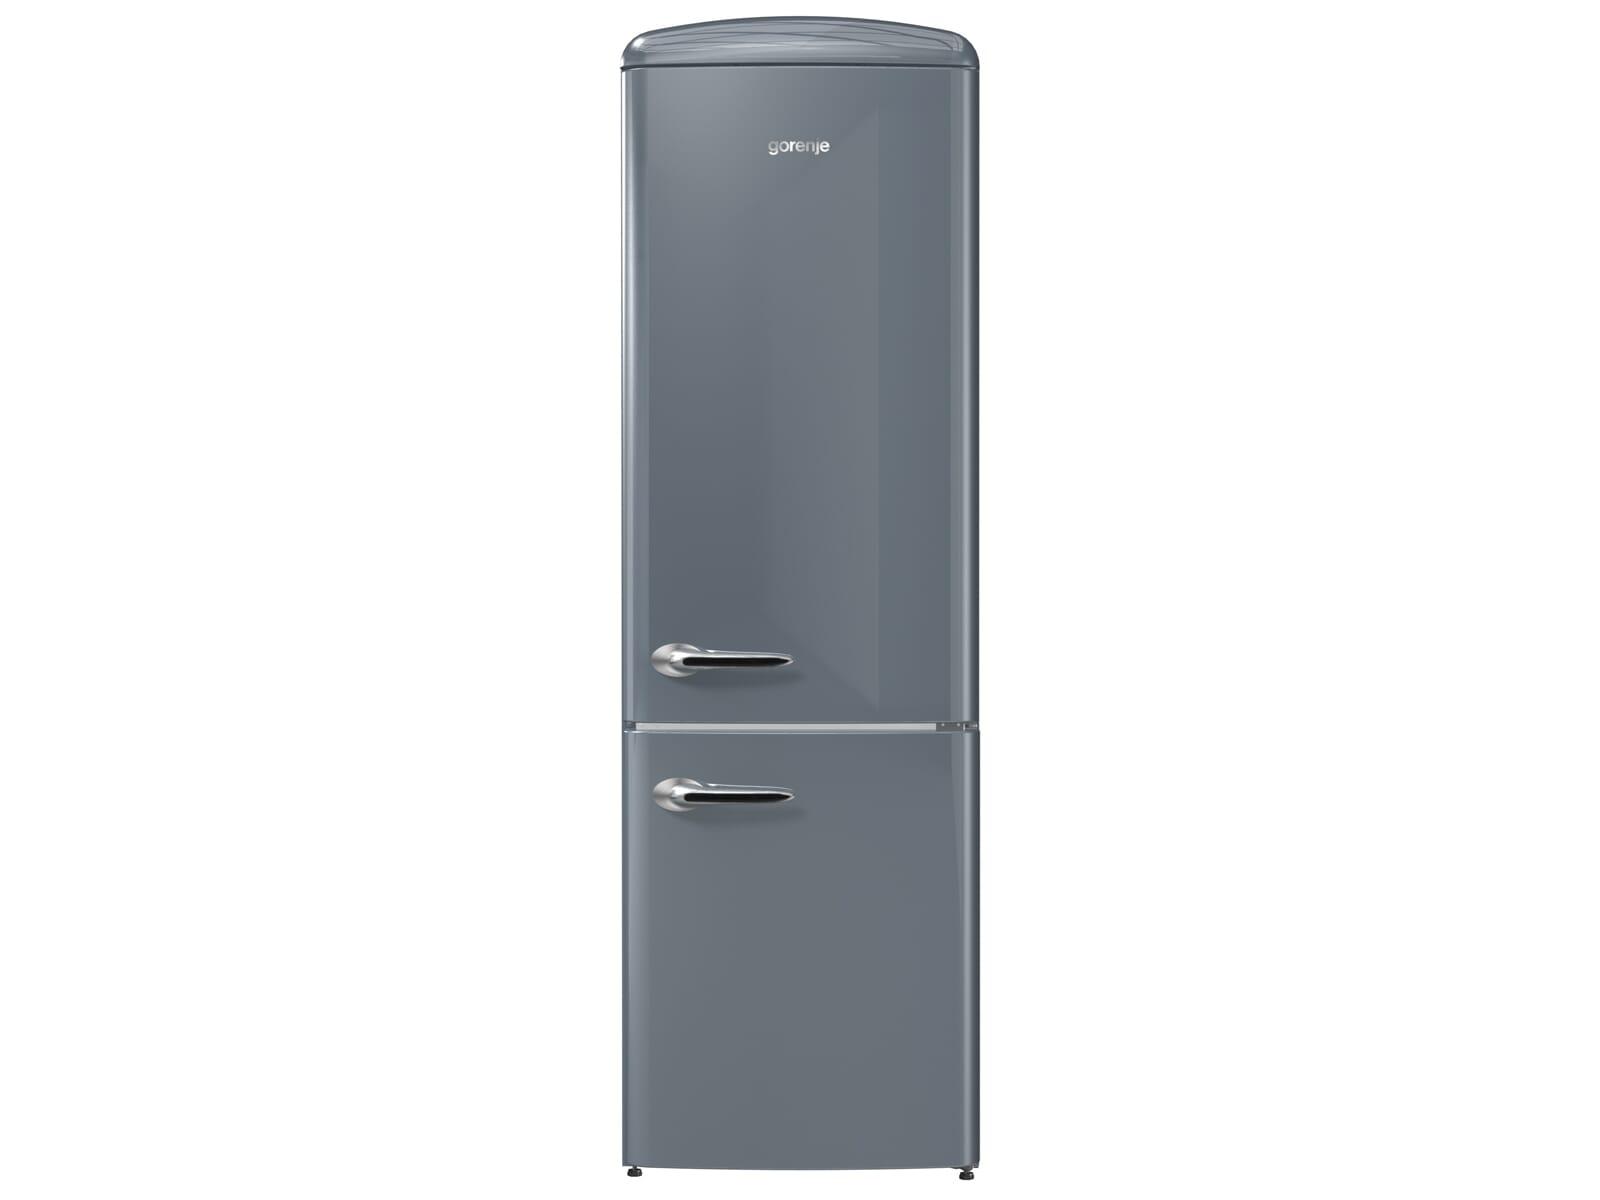 Siemens Kühlschrank Dichtung : Siemens kühlschrank dichtung tauschen: so ersetzen sie die